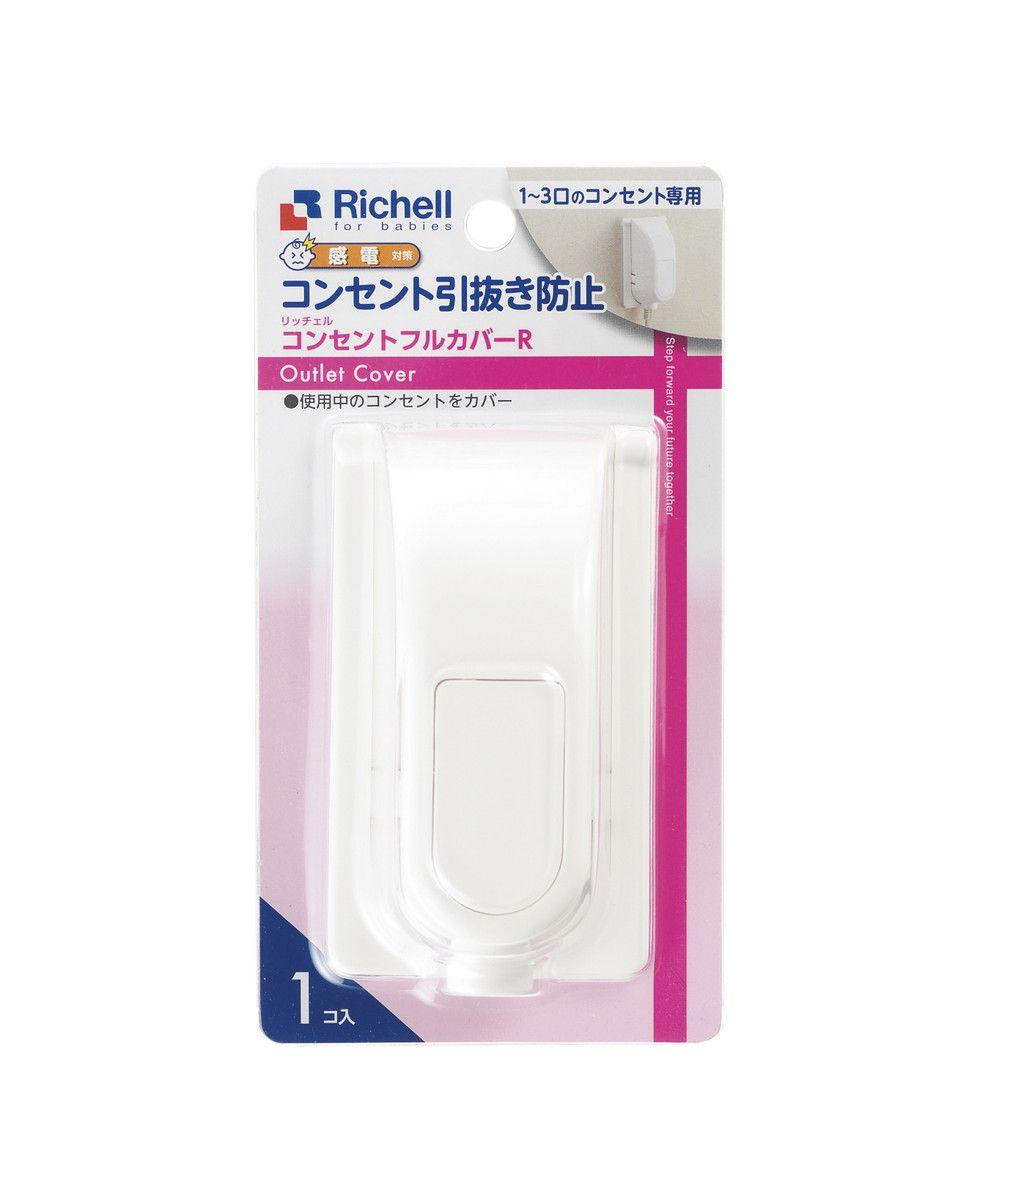 品質検査済 使用中のコンセントをカバー コンセントフルカバーR 021523 リッチェル 最安値挑戦 ri_tw